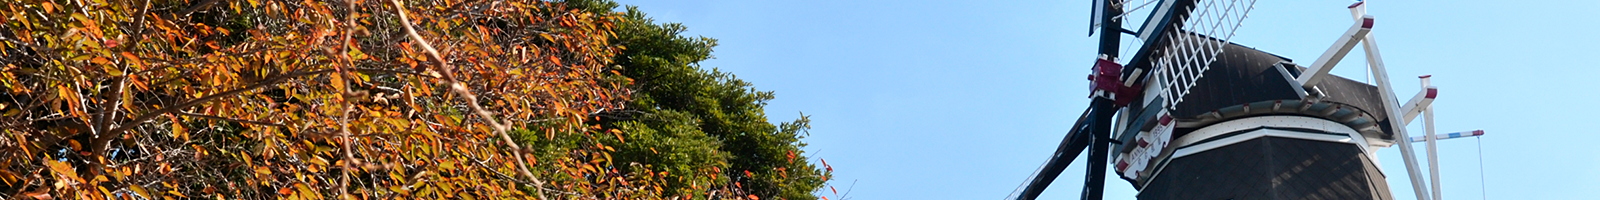 お問い合わせ - 新南陽商工会議所ホームページ | 周南市 新南陽地区(山口県) | 経営相談 資金繰り 新規創業 経営革新 検定試験など